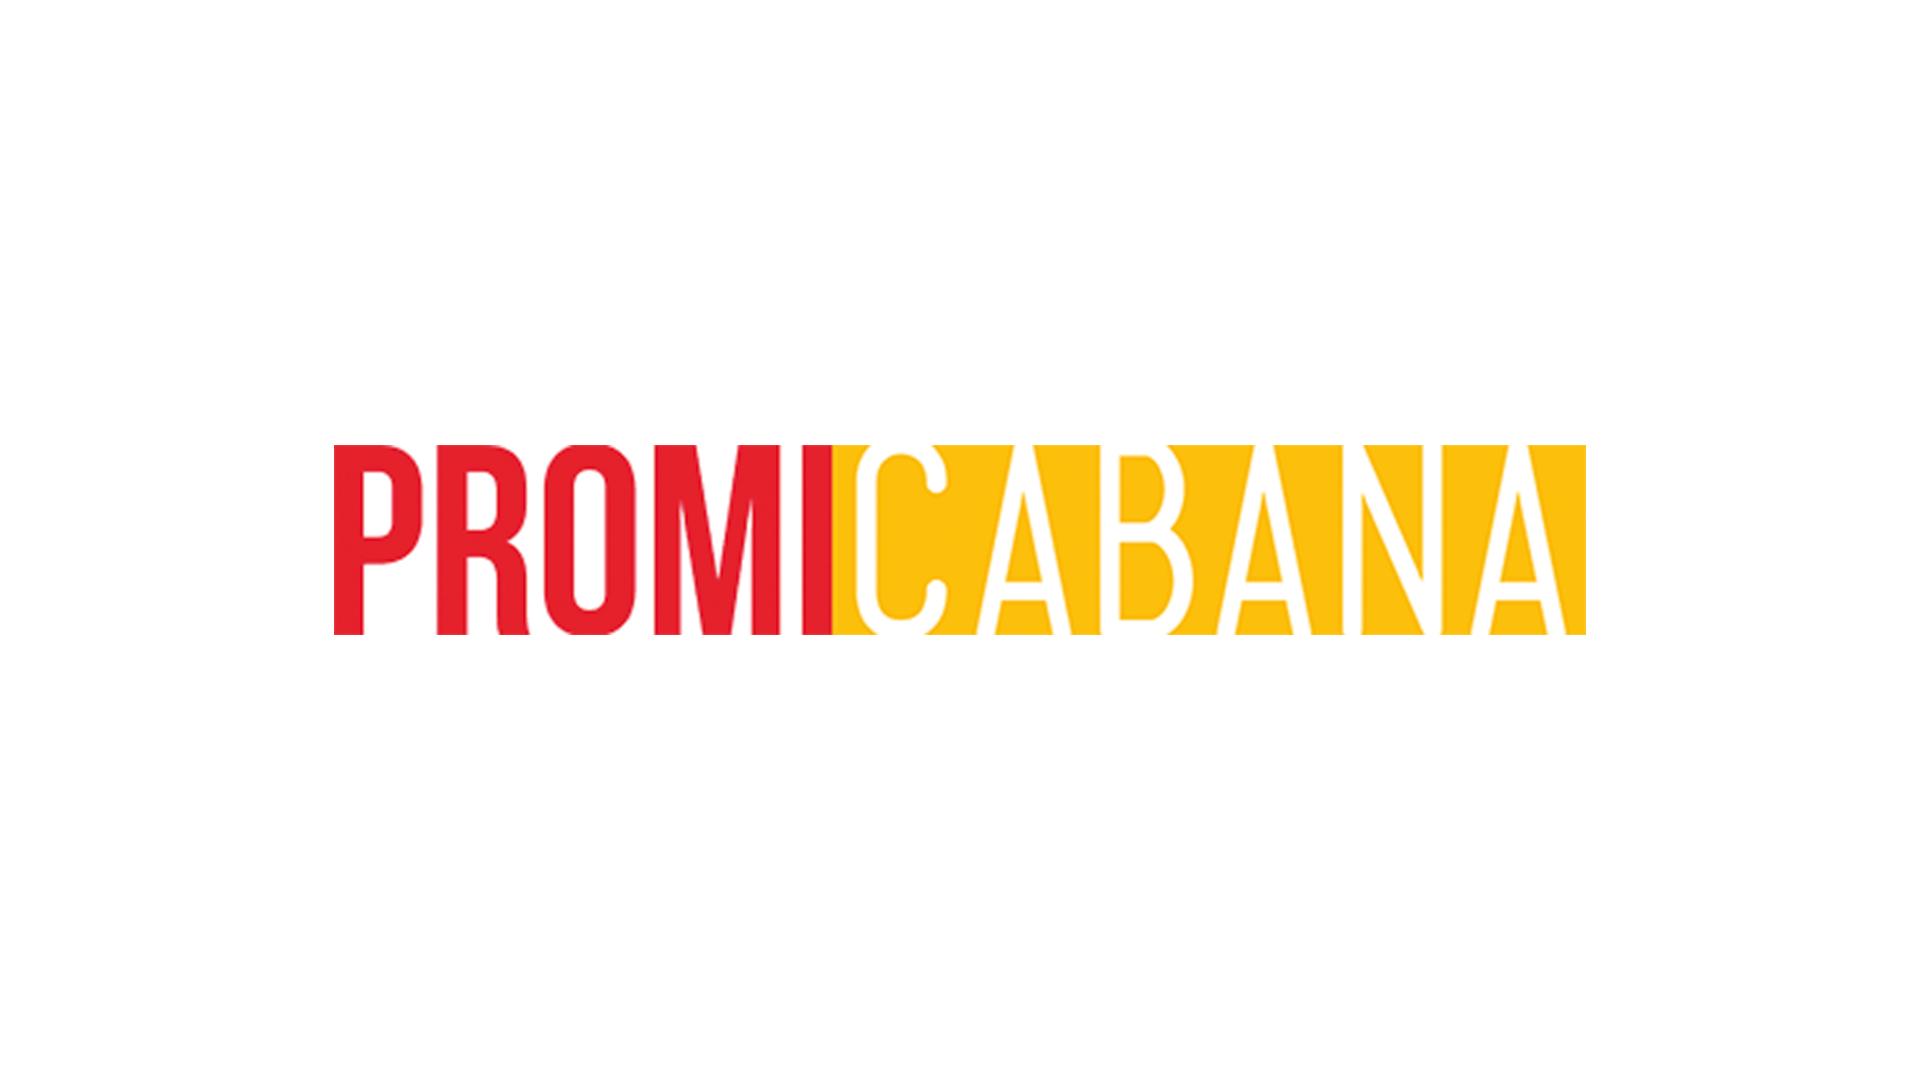 Avatar-Still